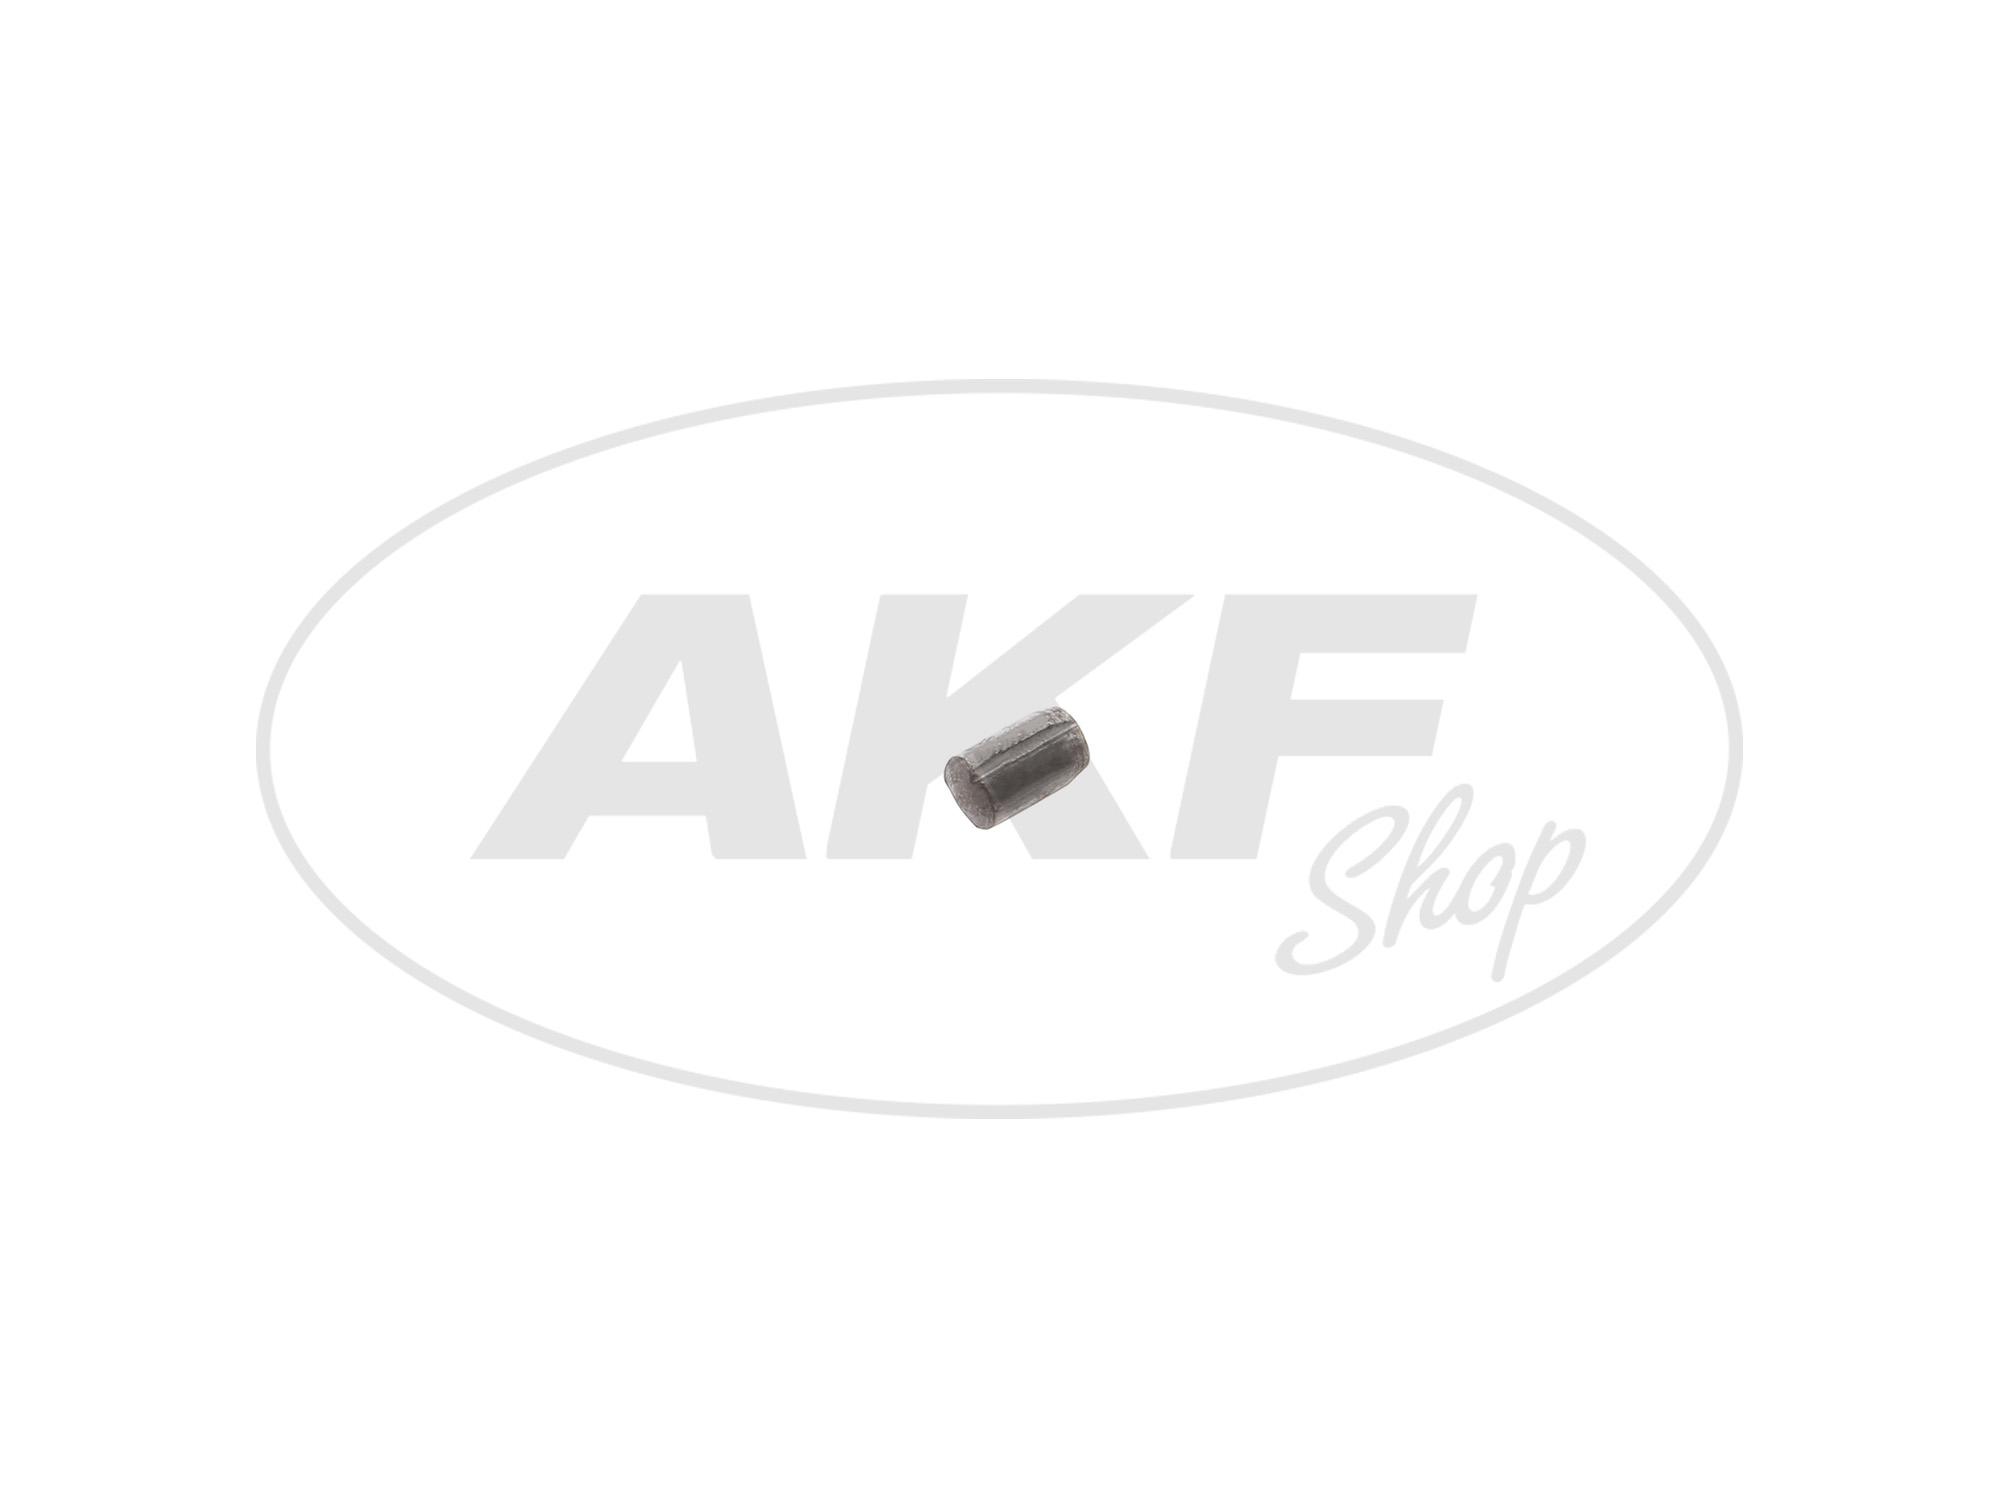 Zoom Ansicht Kerbstift 4x6 DIN1473 für Federaufnahme Telegabel - Simson S51, S50, S70, S53, S83, SR50, SR80